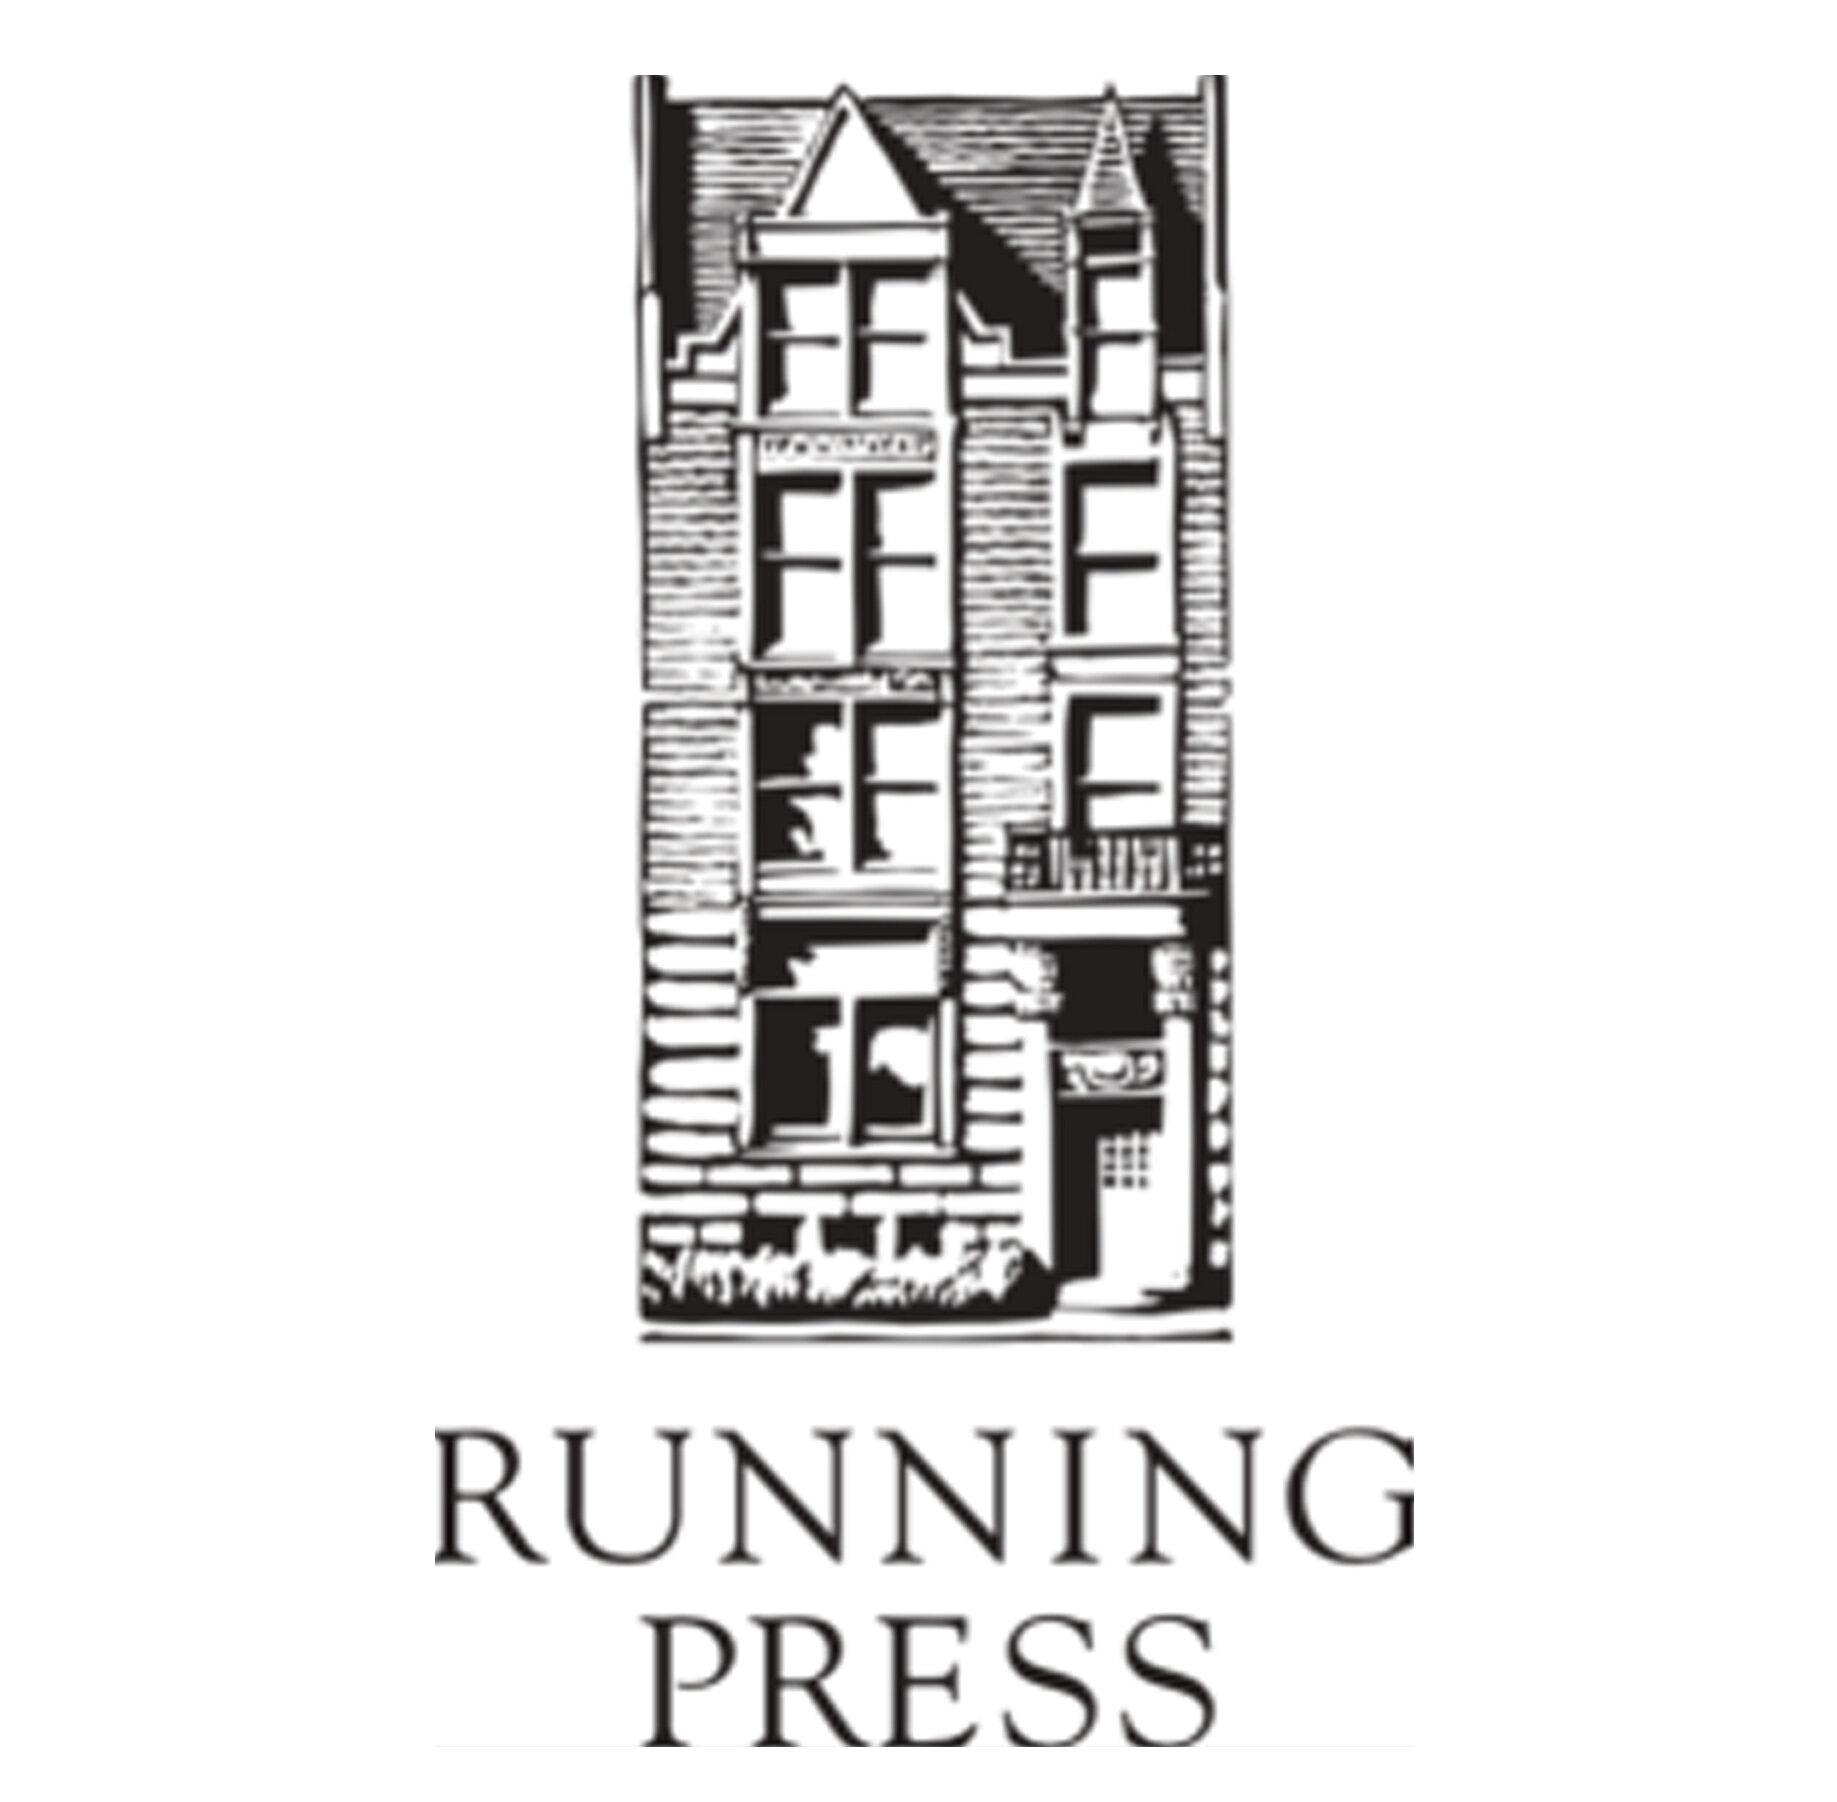 runningpress.jpg